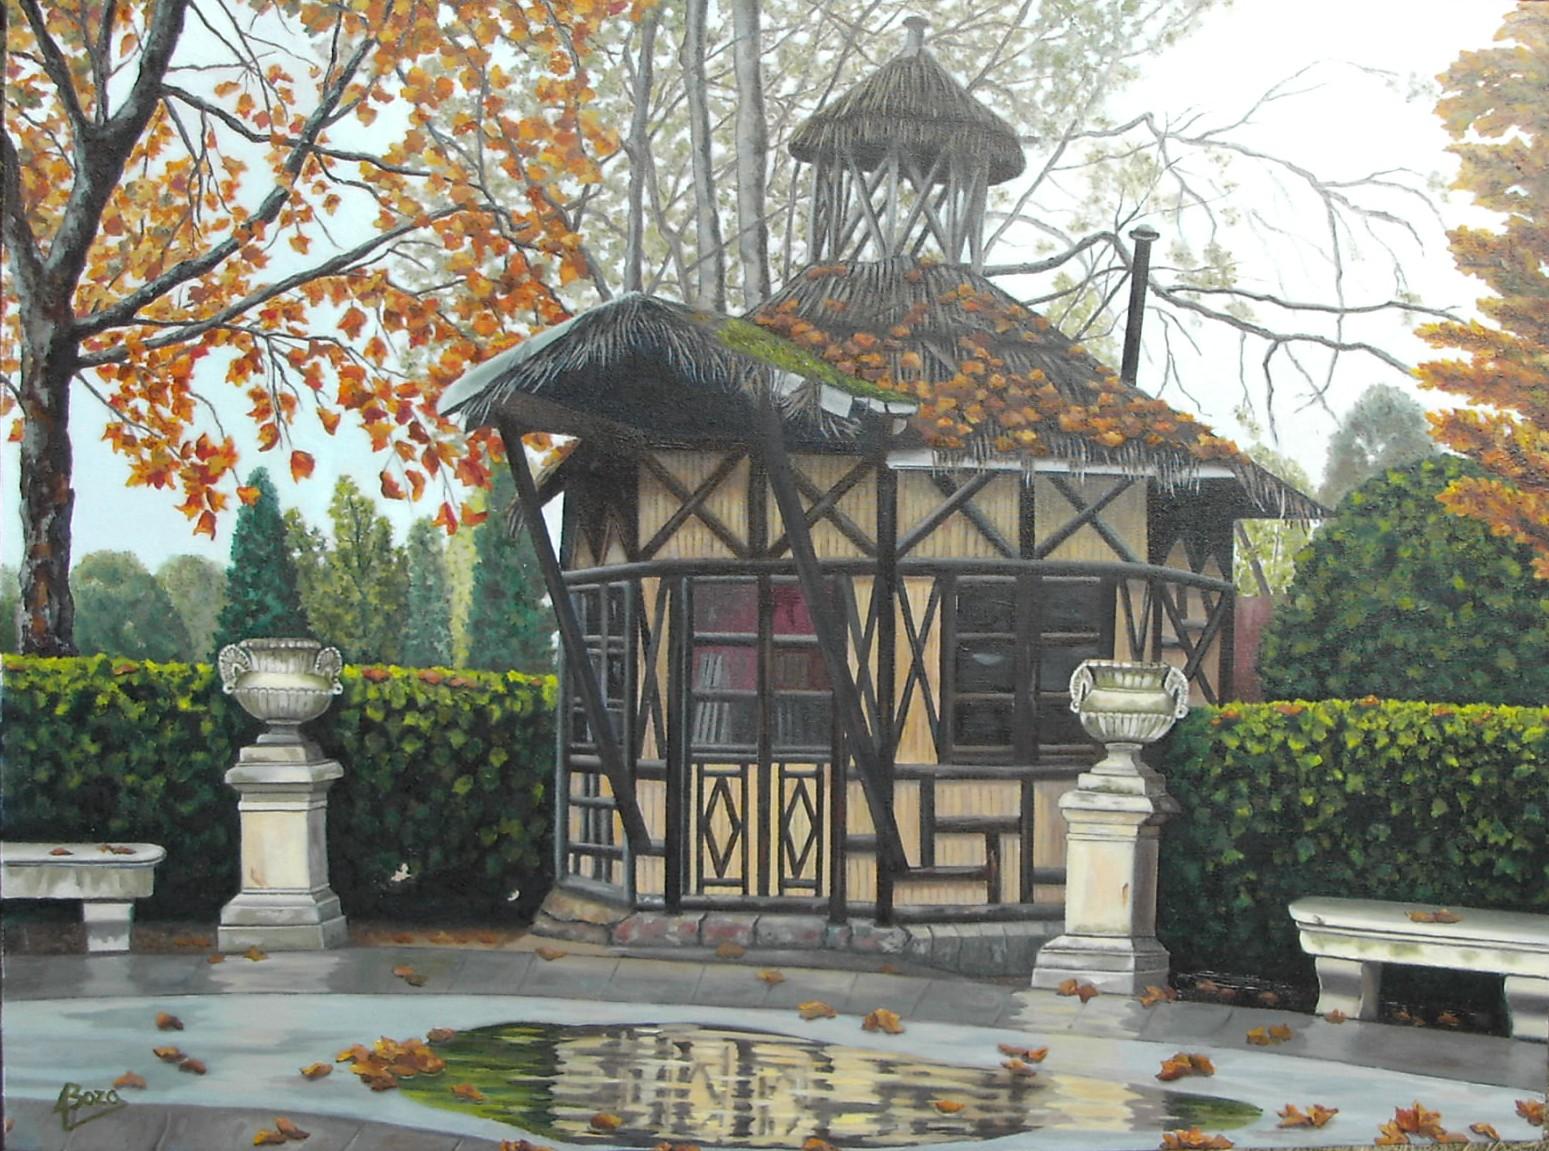 En el jard n del pr ncipe aranjuez auroraboza 39 s blog for El jardin del principe